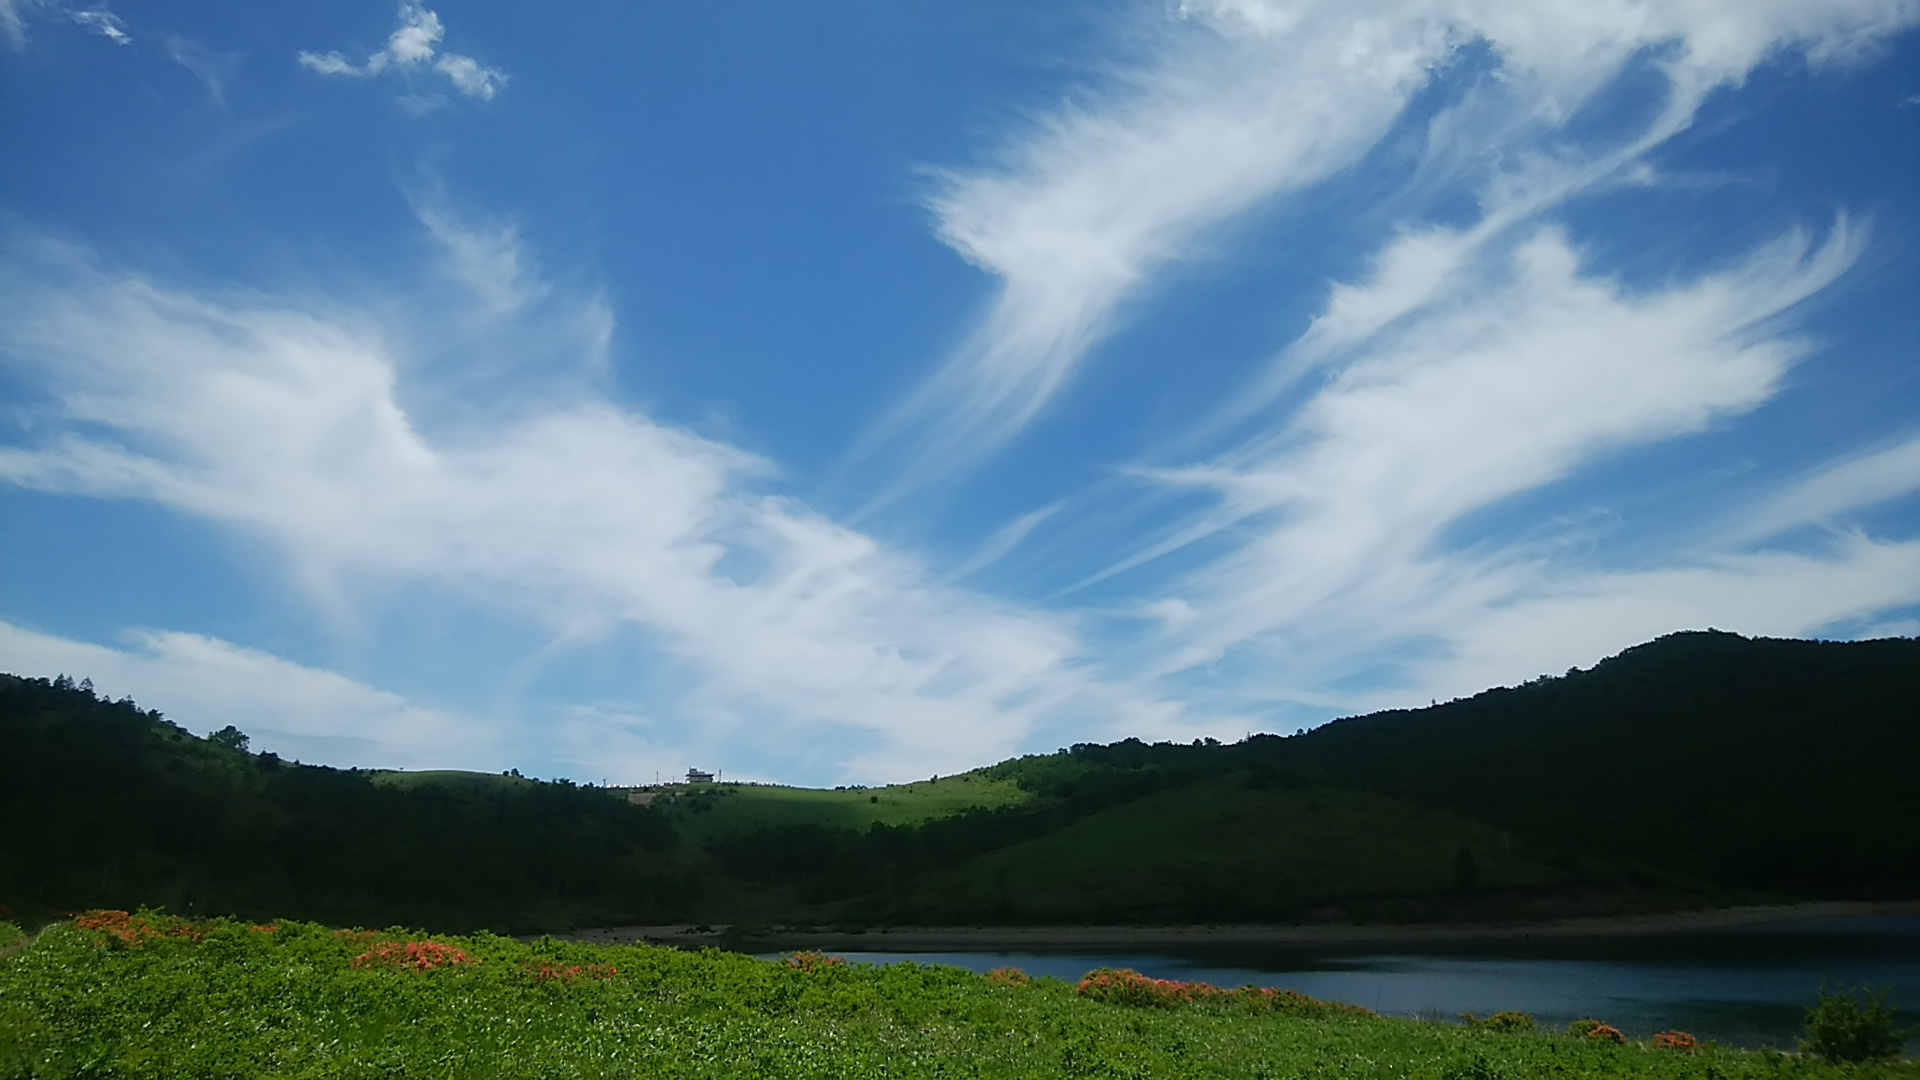 山は逃げない。このような気持ちの良い空の日に山に行きたいものだ